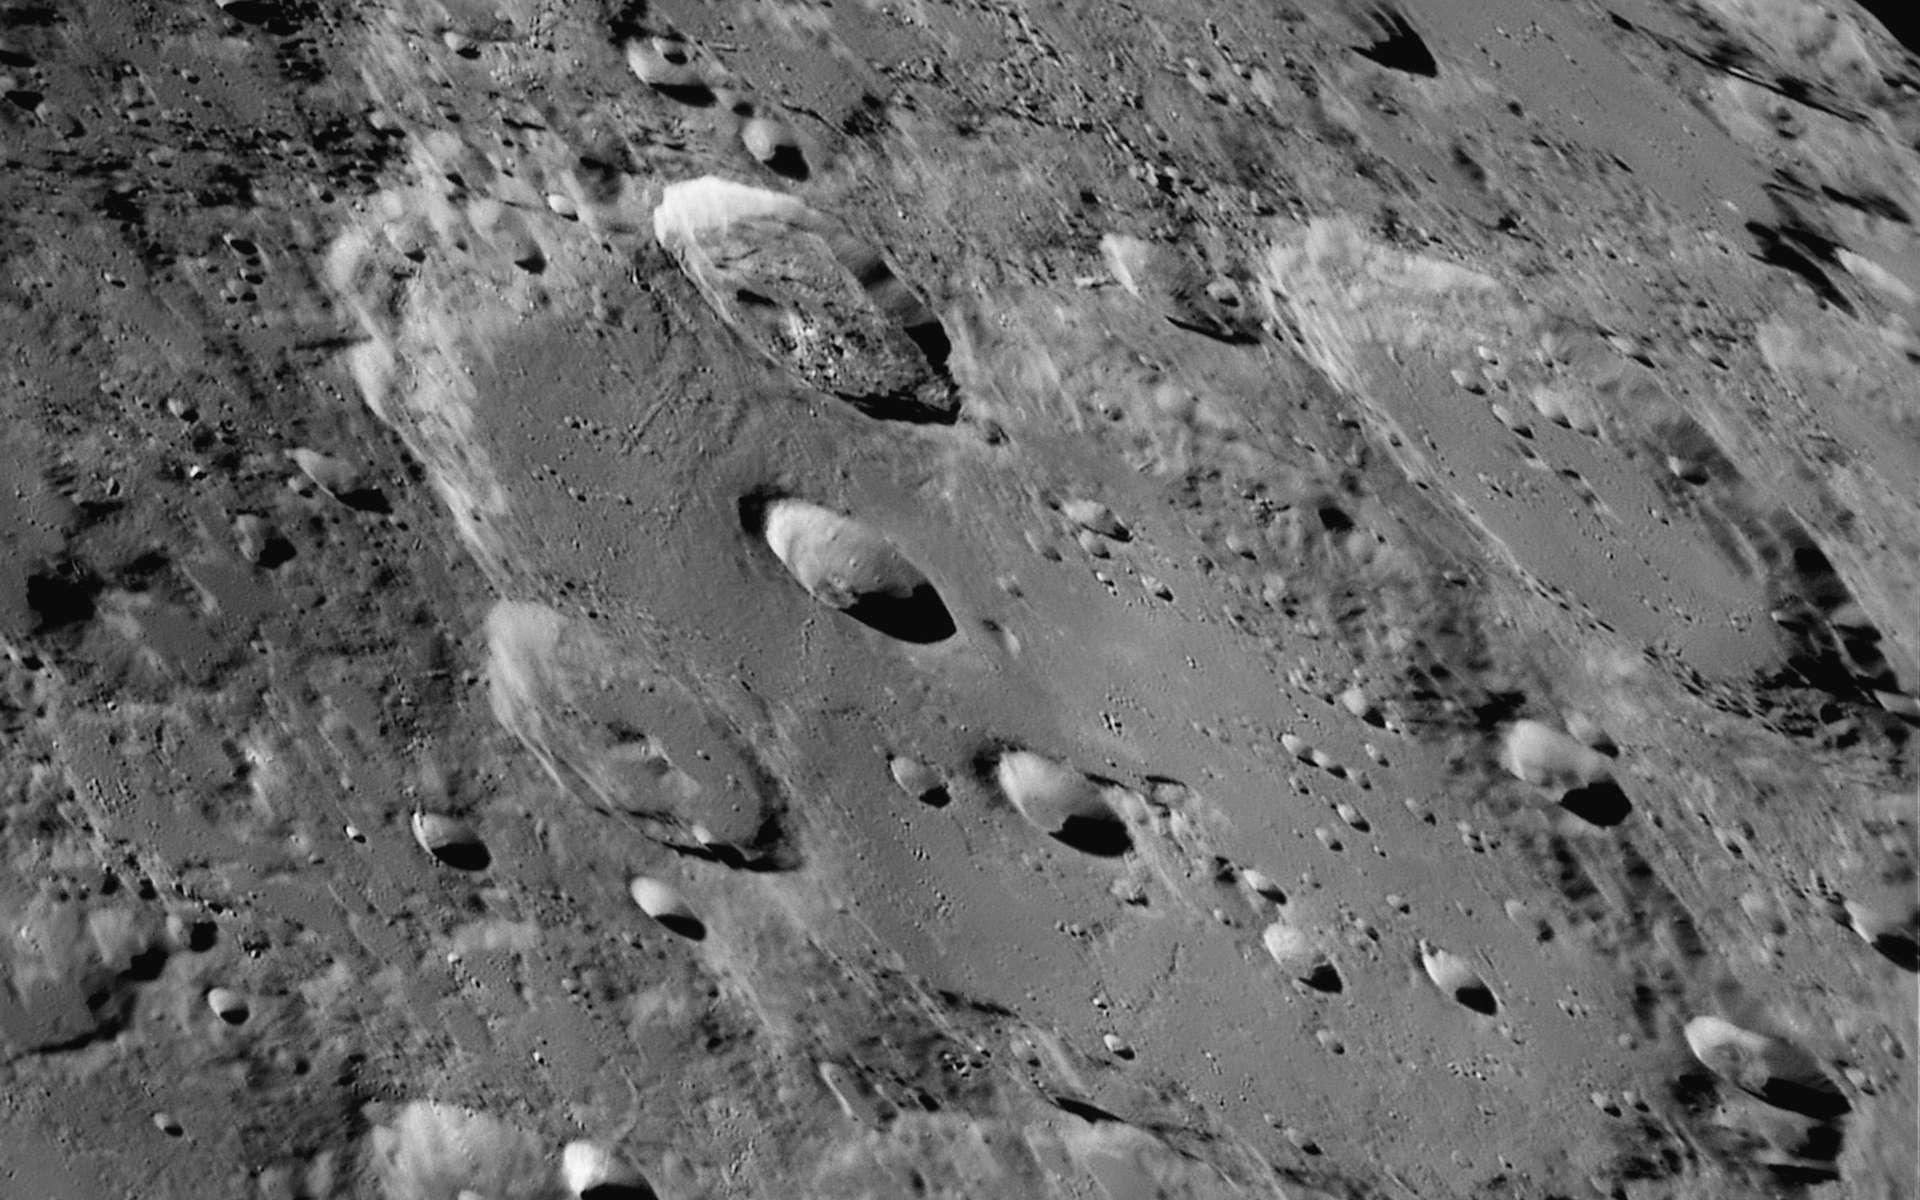 Le cratère Clavius, du nom d'un astronome et mathématicien jésuite, est l'un des plus grands cratères lunaires. Il est proche du pôle Sud de la Lune et de son terminateur. © Luc Cathala, EAPOD